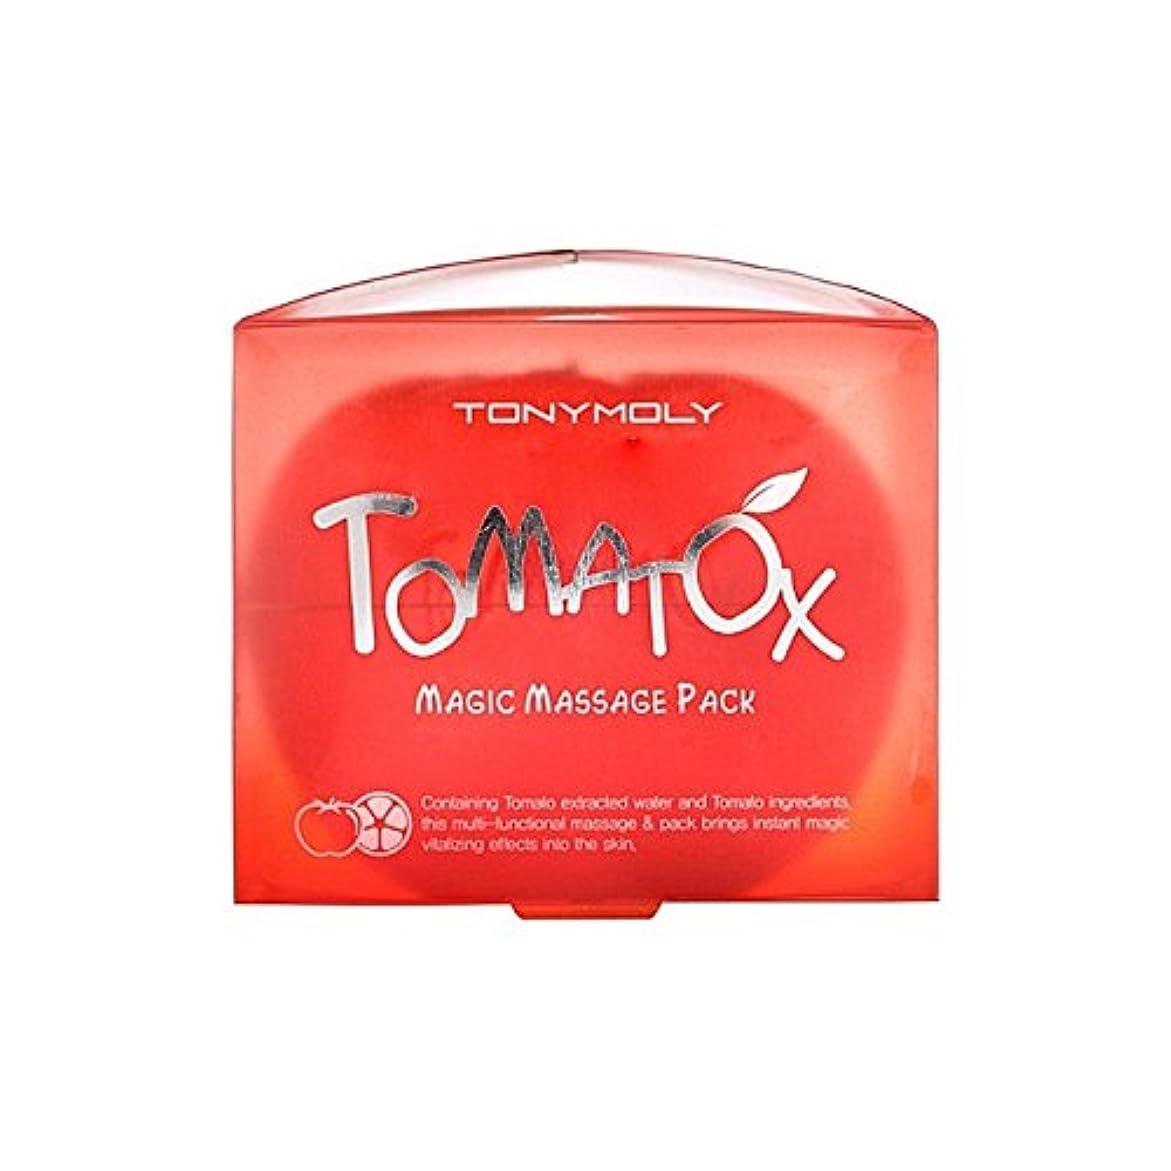 汚染されたやさしいピラミッドトニーモリー魔法マッサージパック80グラム x2 - Tony Moly Tomatox Magic Massage Pack 80G (Pack of 2) [並行輸入品]